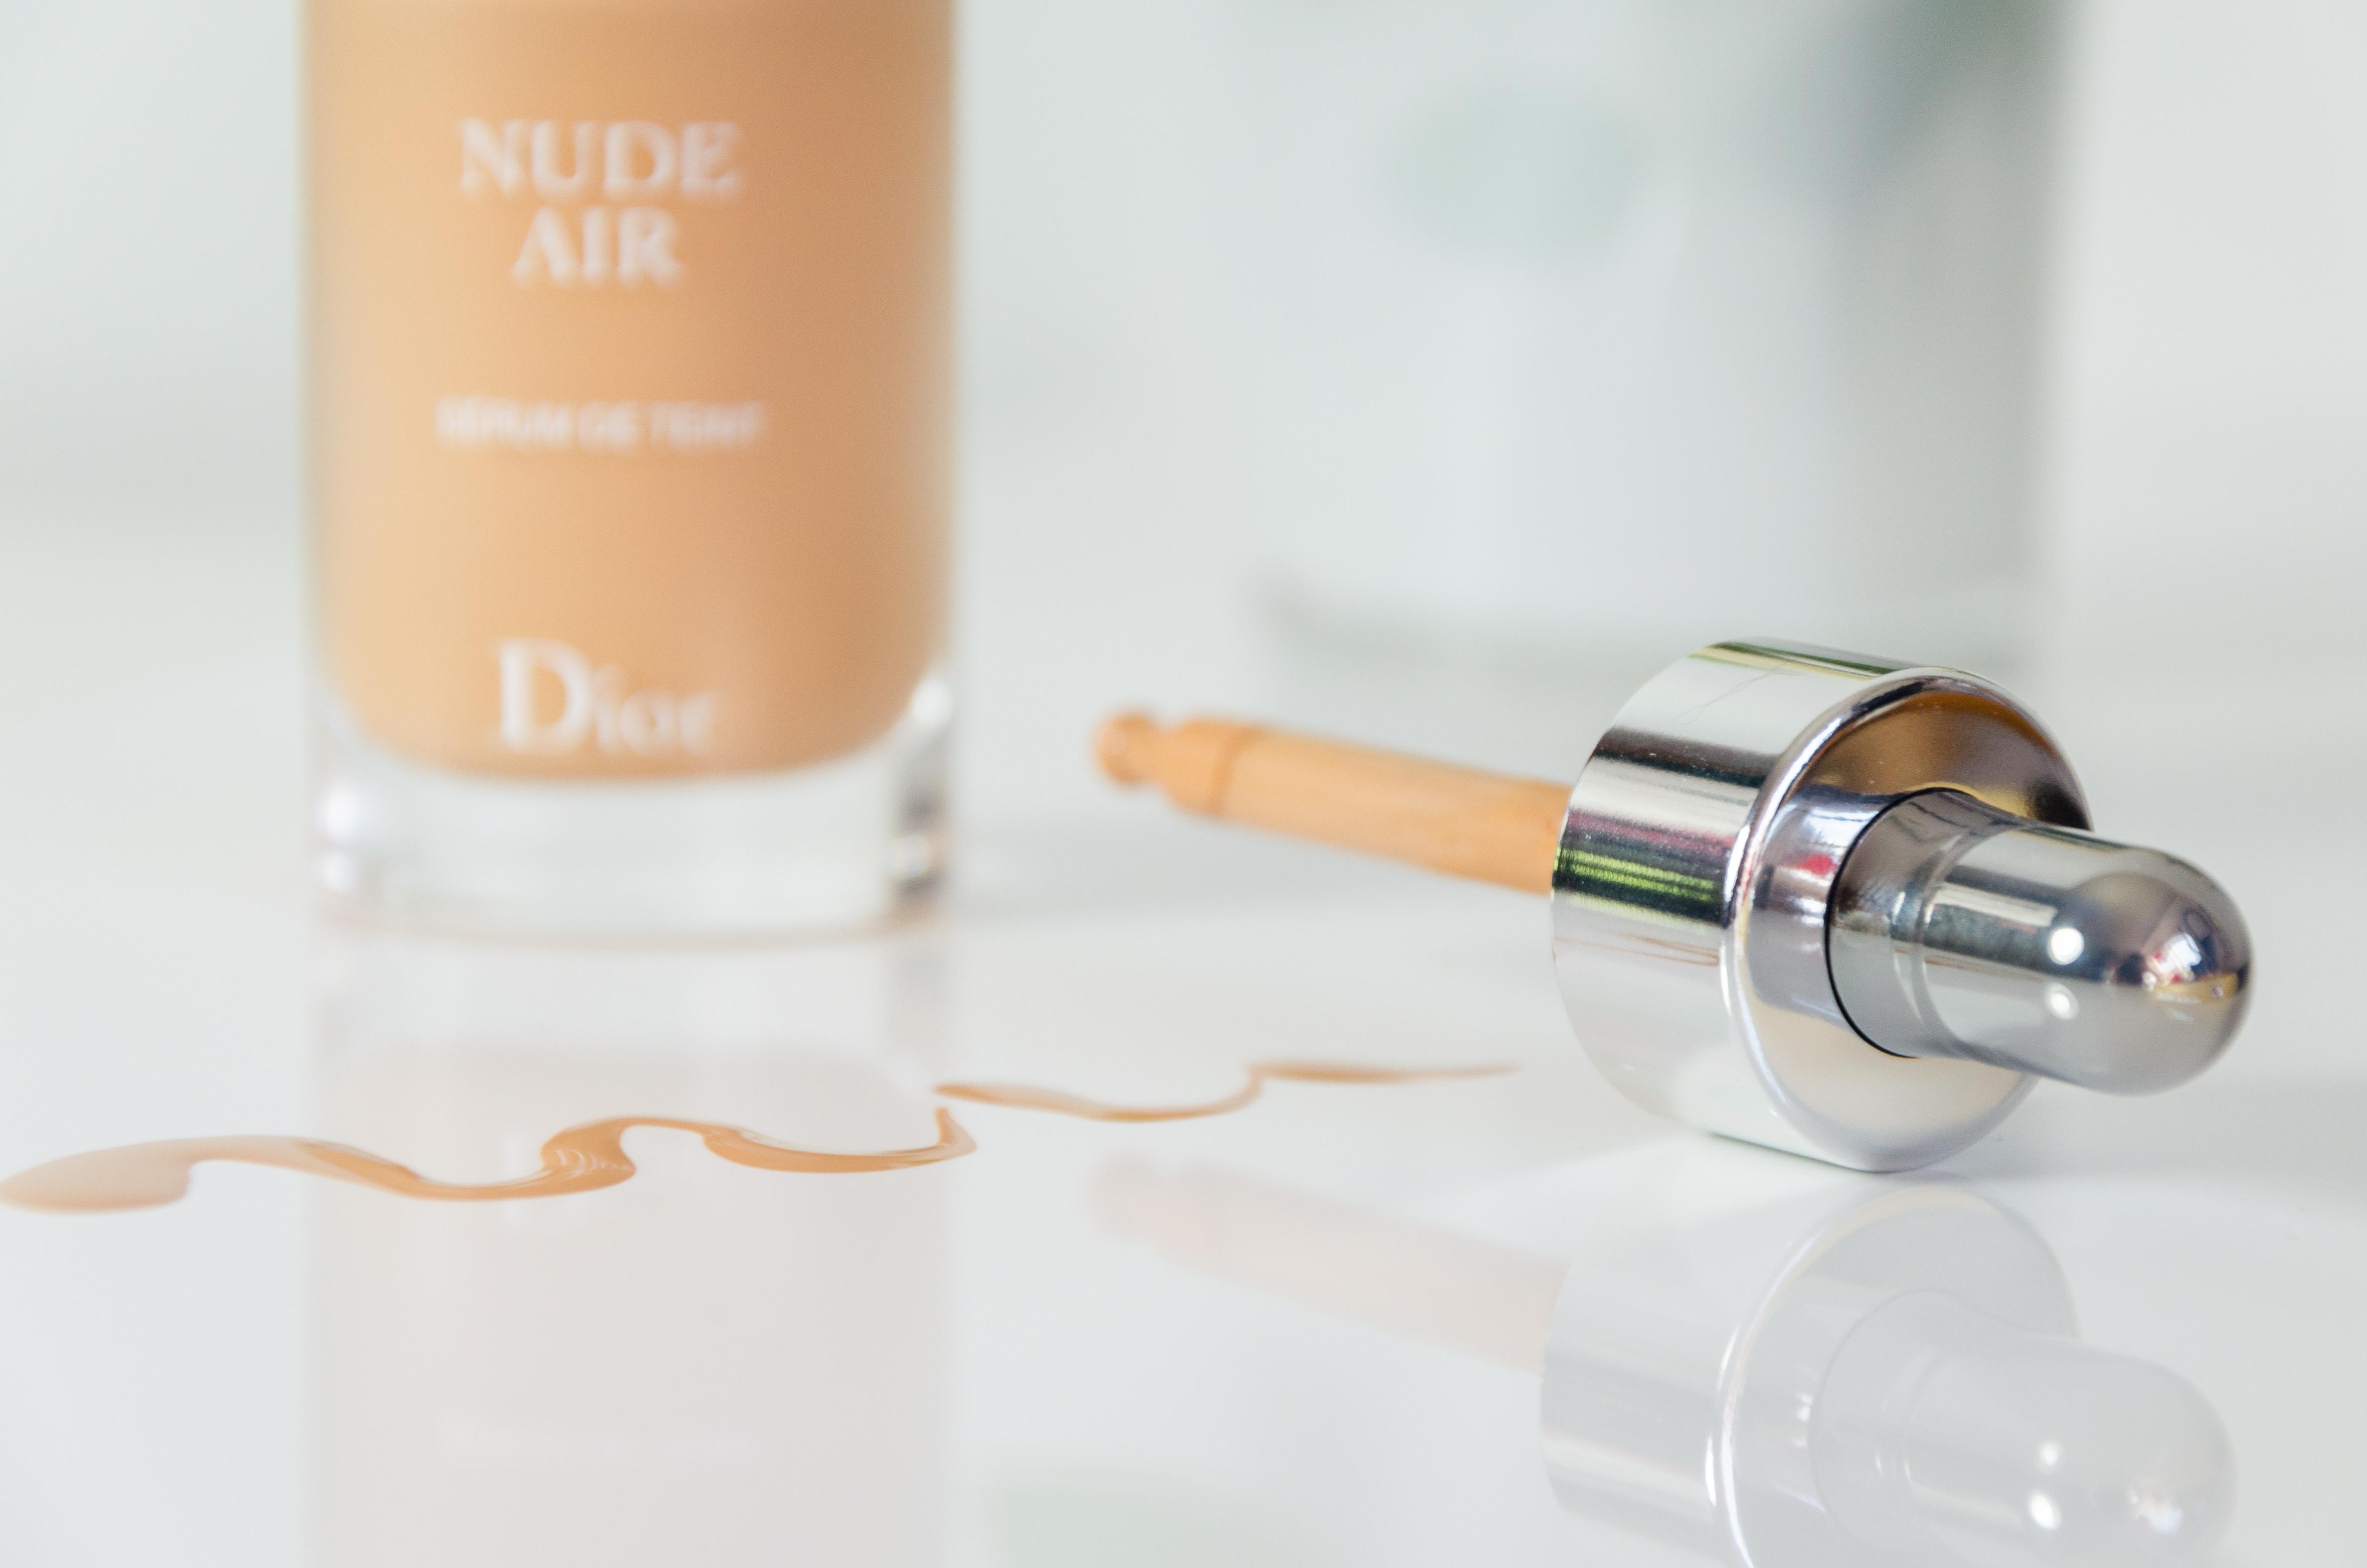 dior nude air make up